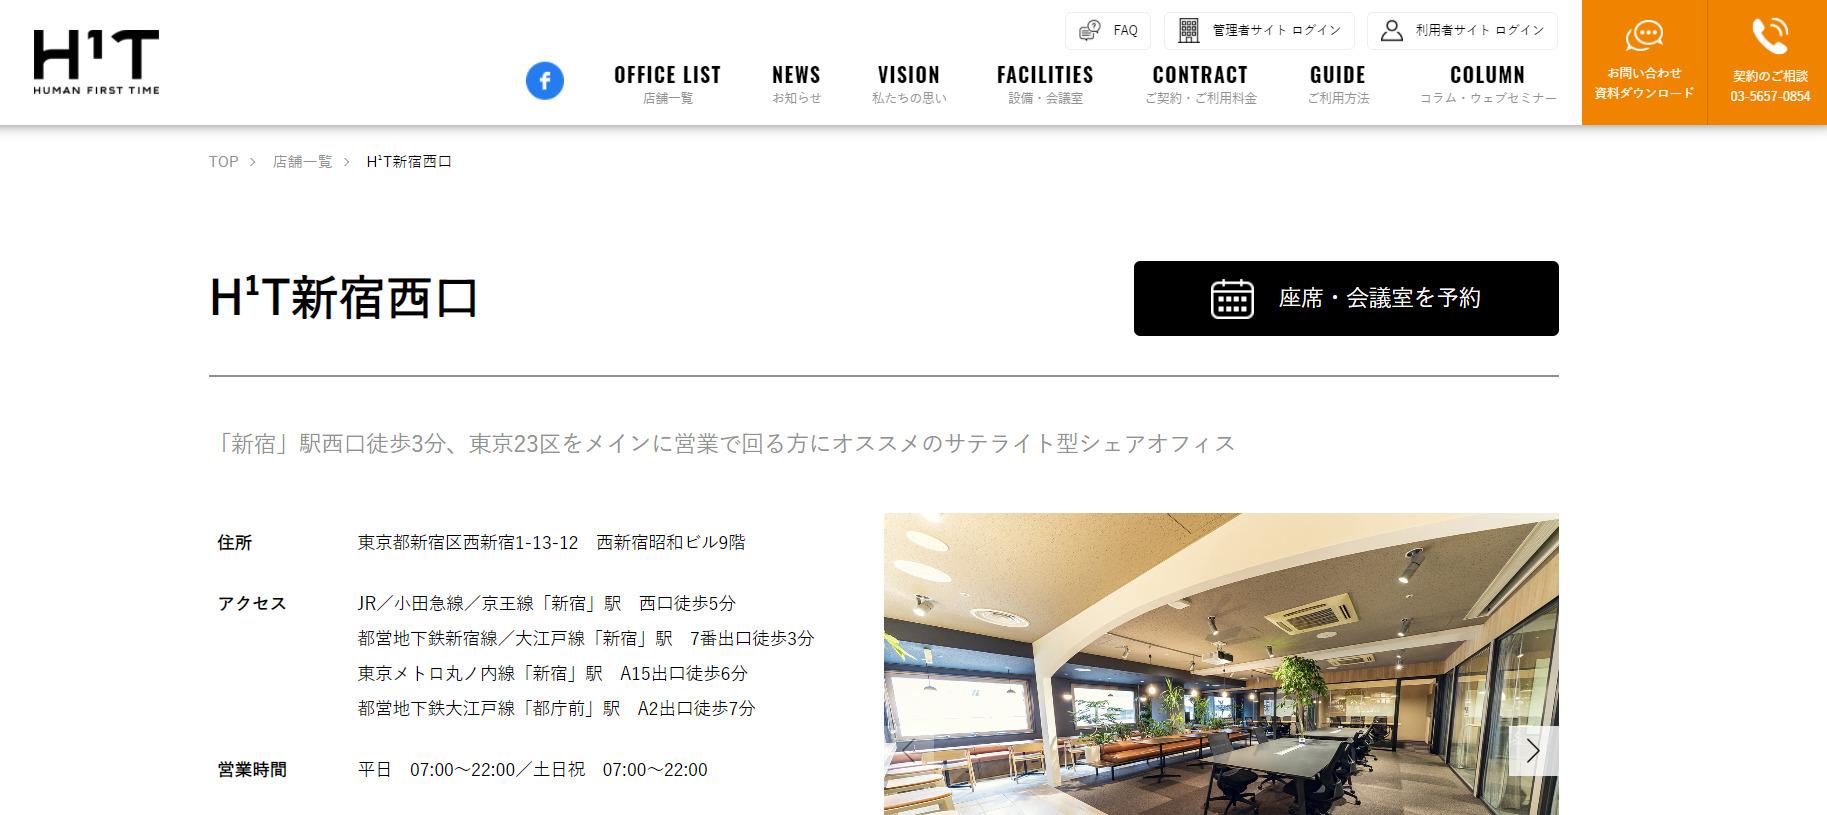 シェアオフィス エイチワンティー 新宿西口